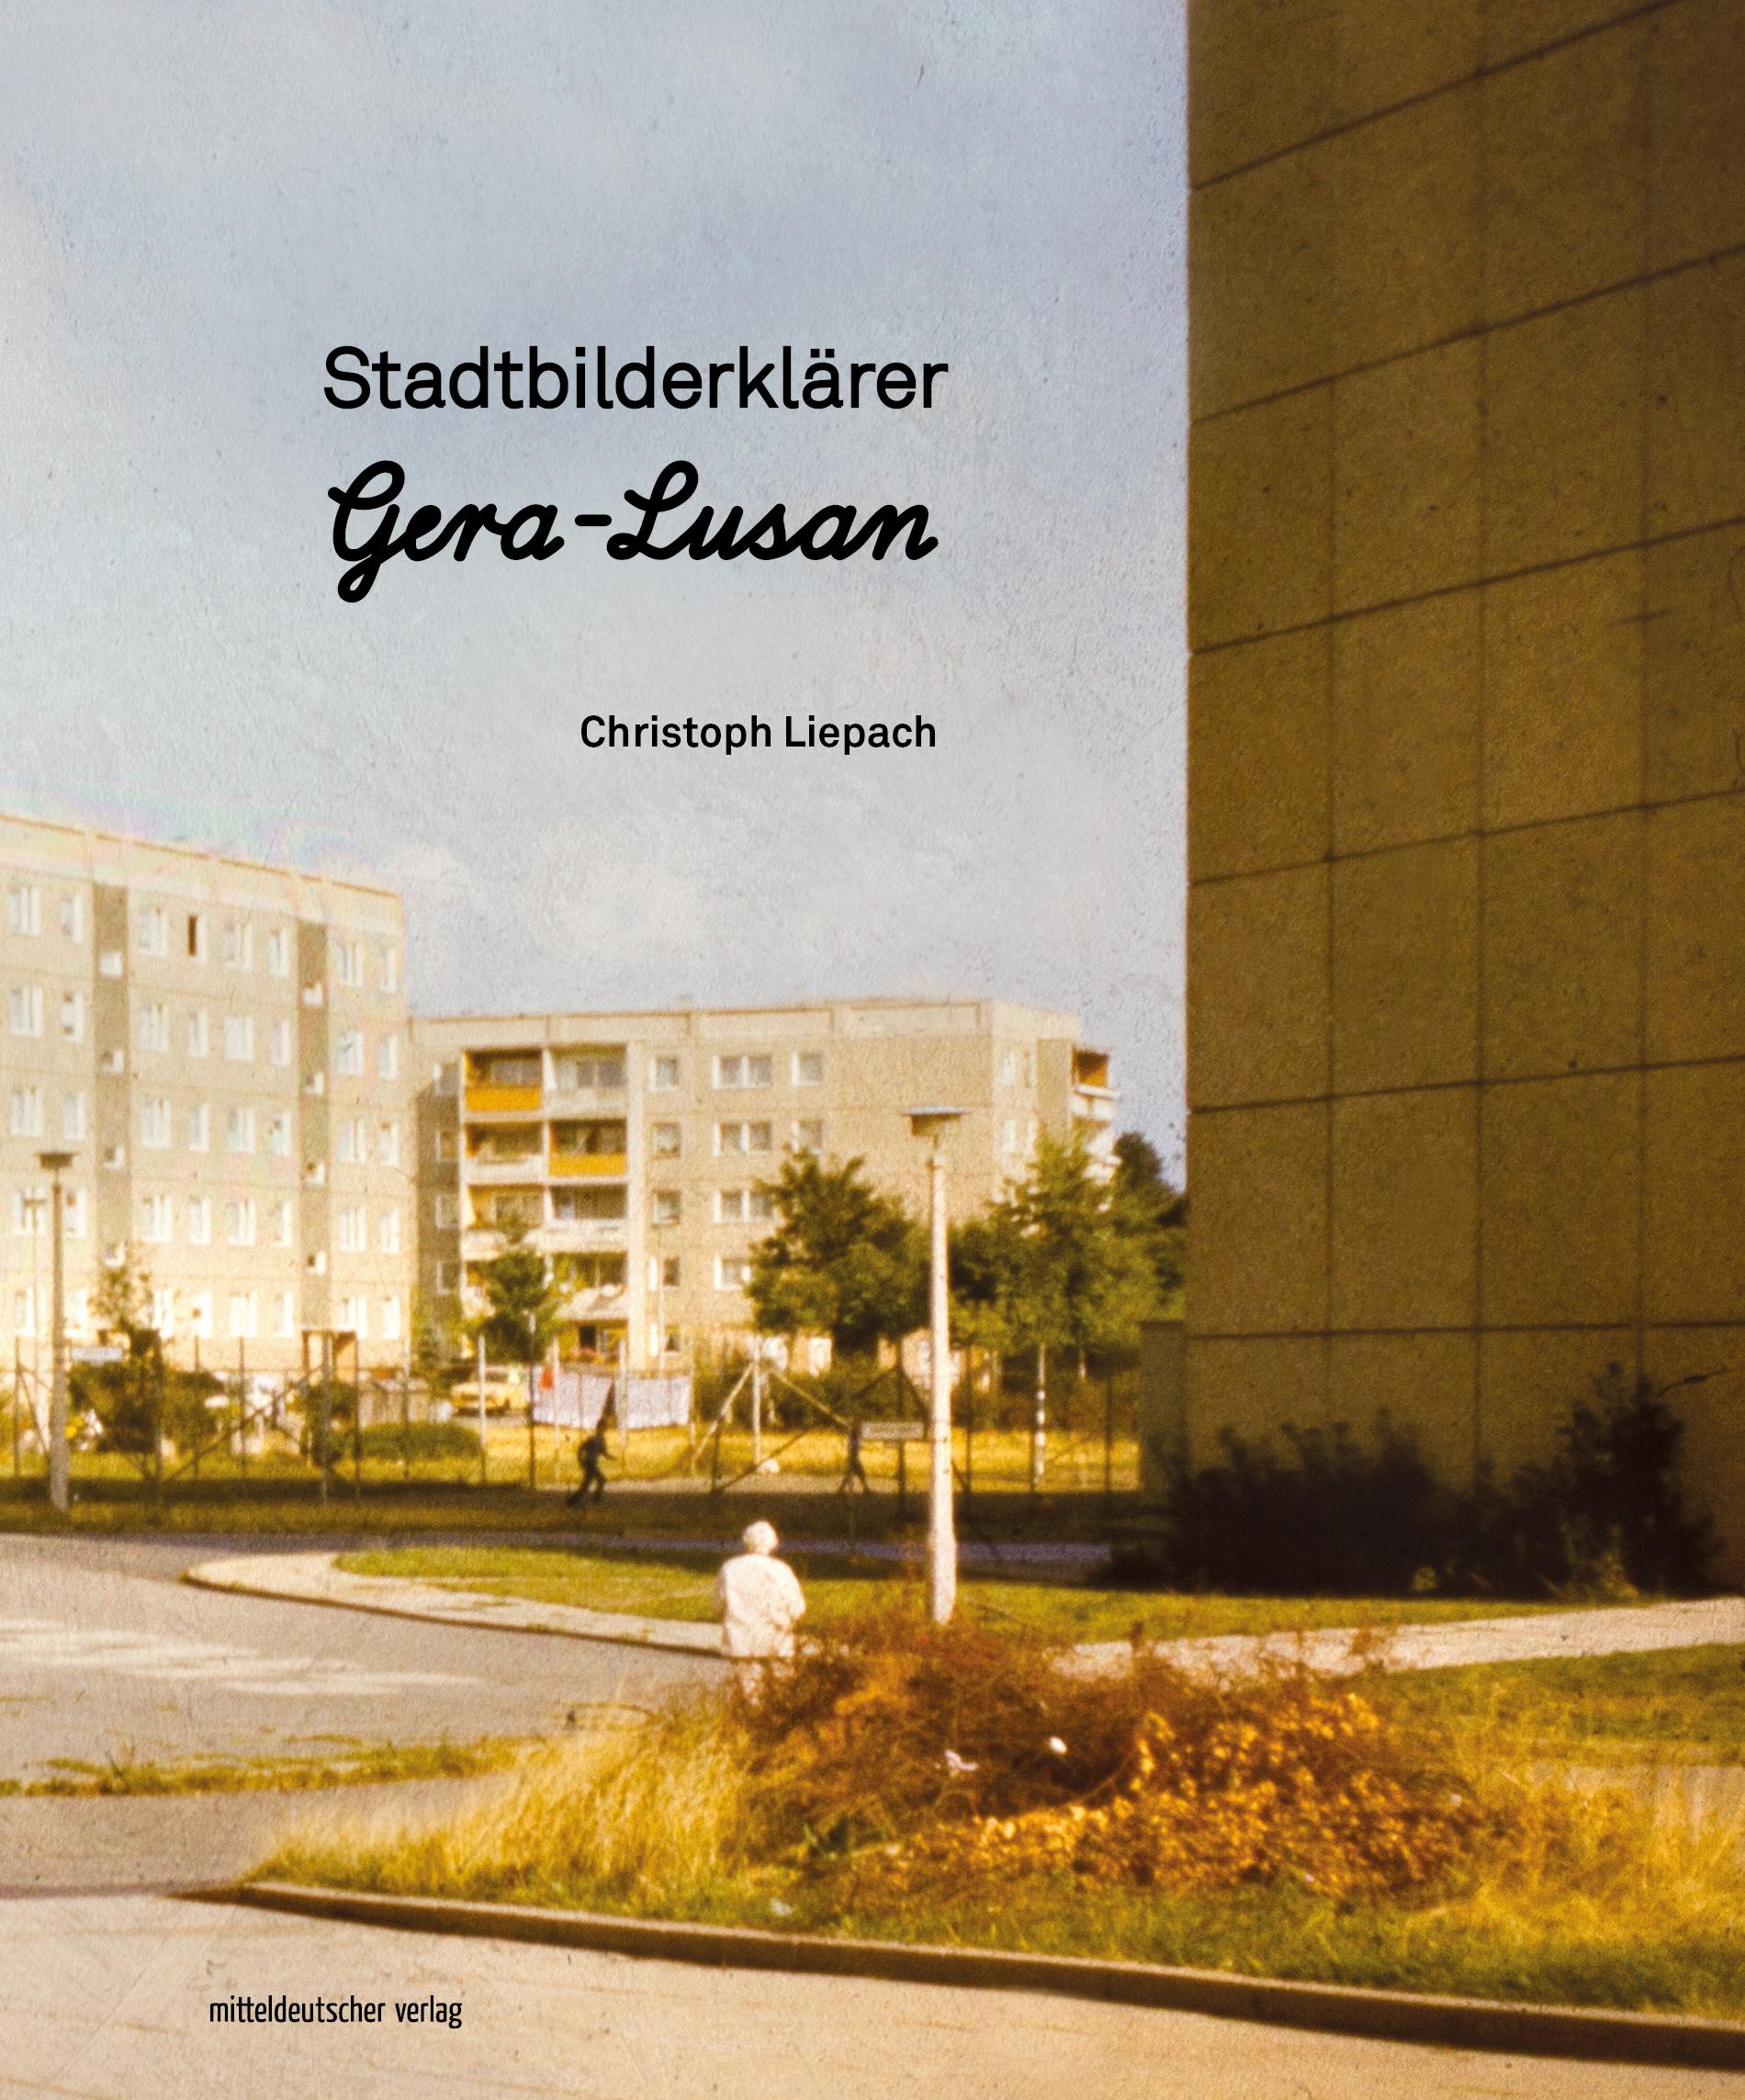 Stadtbilderklärer Gera-Lusan